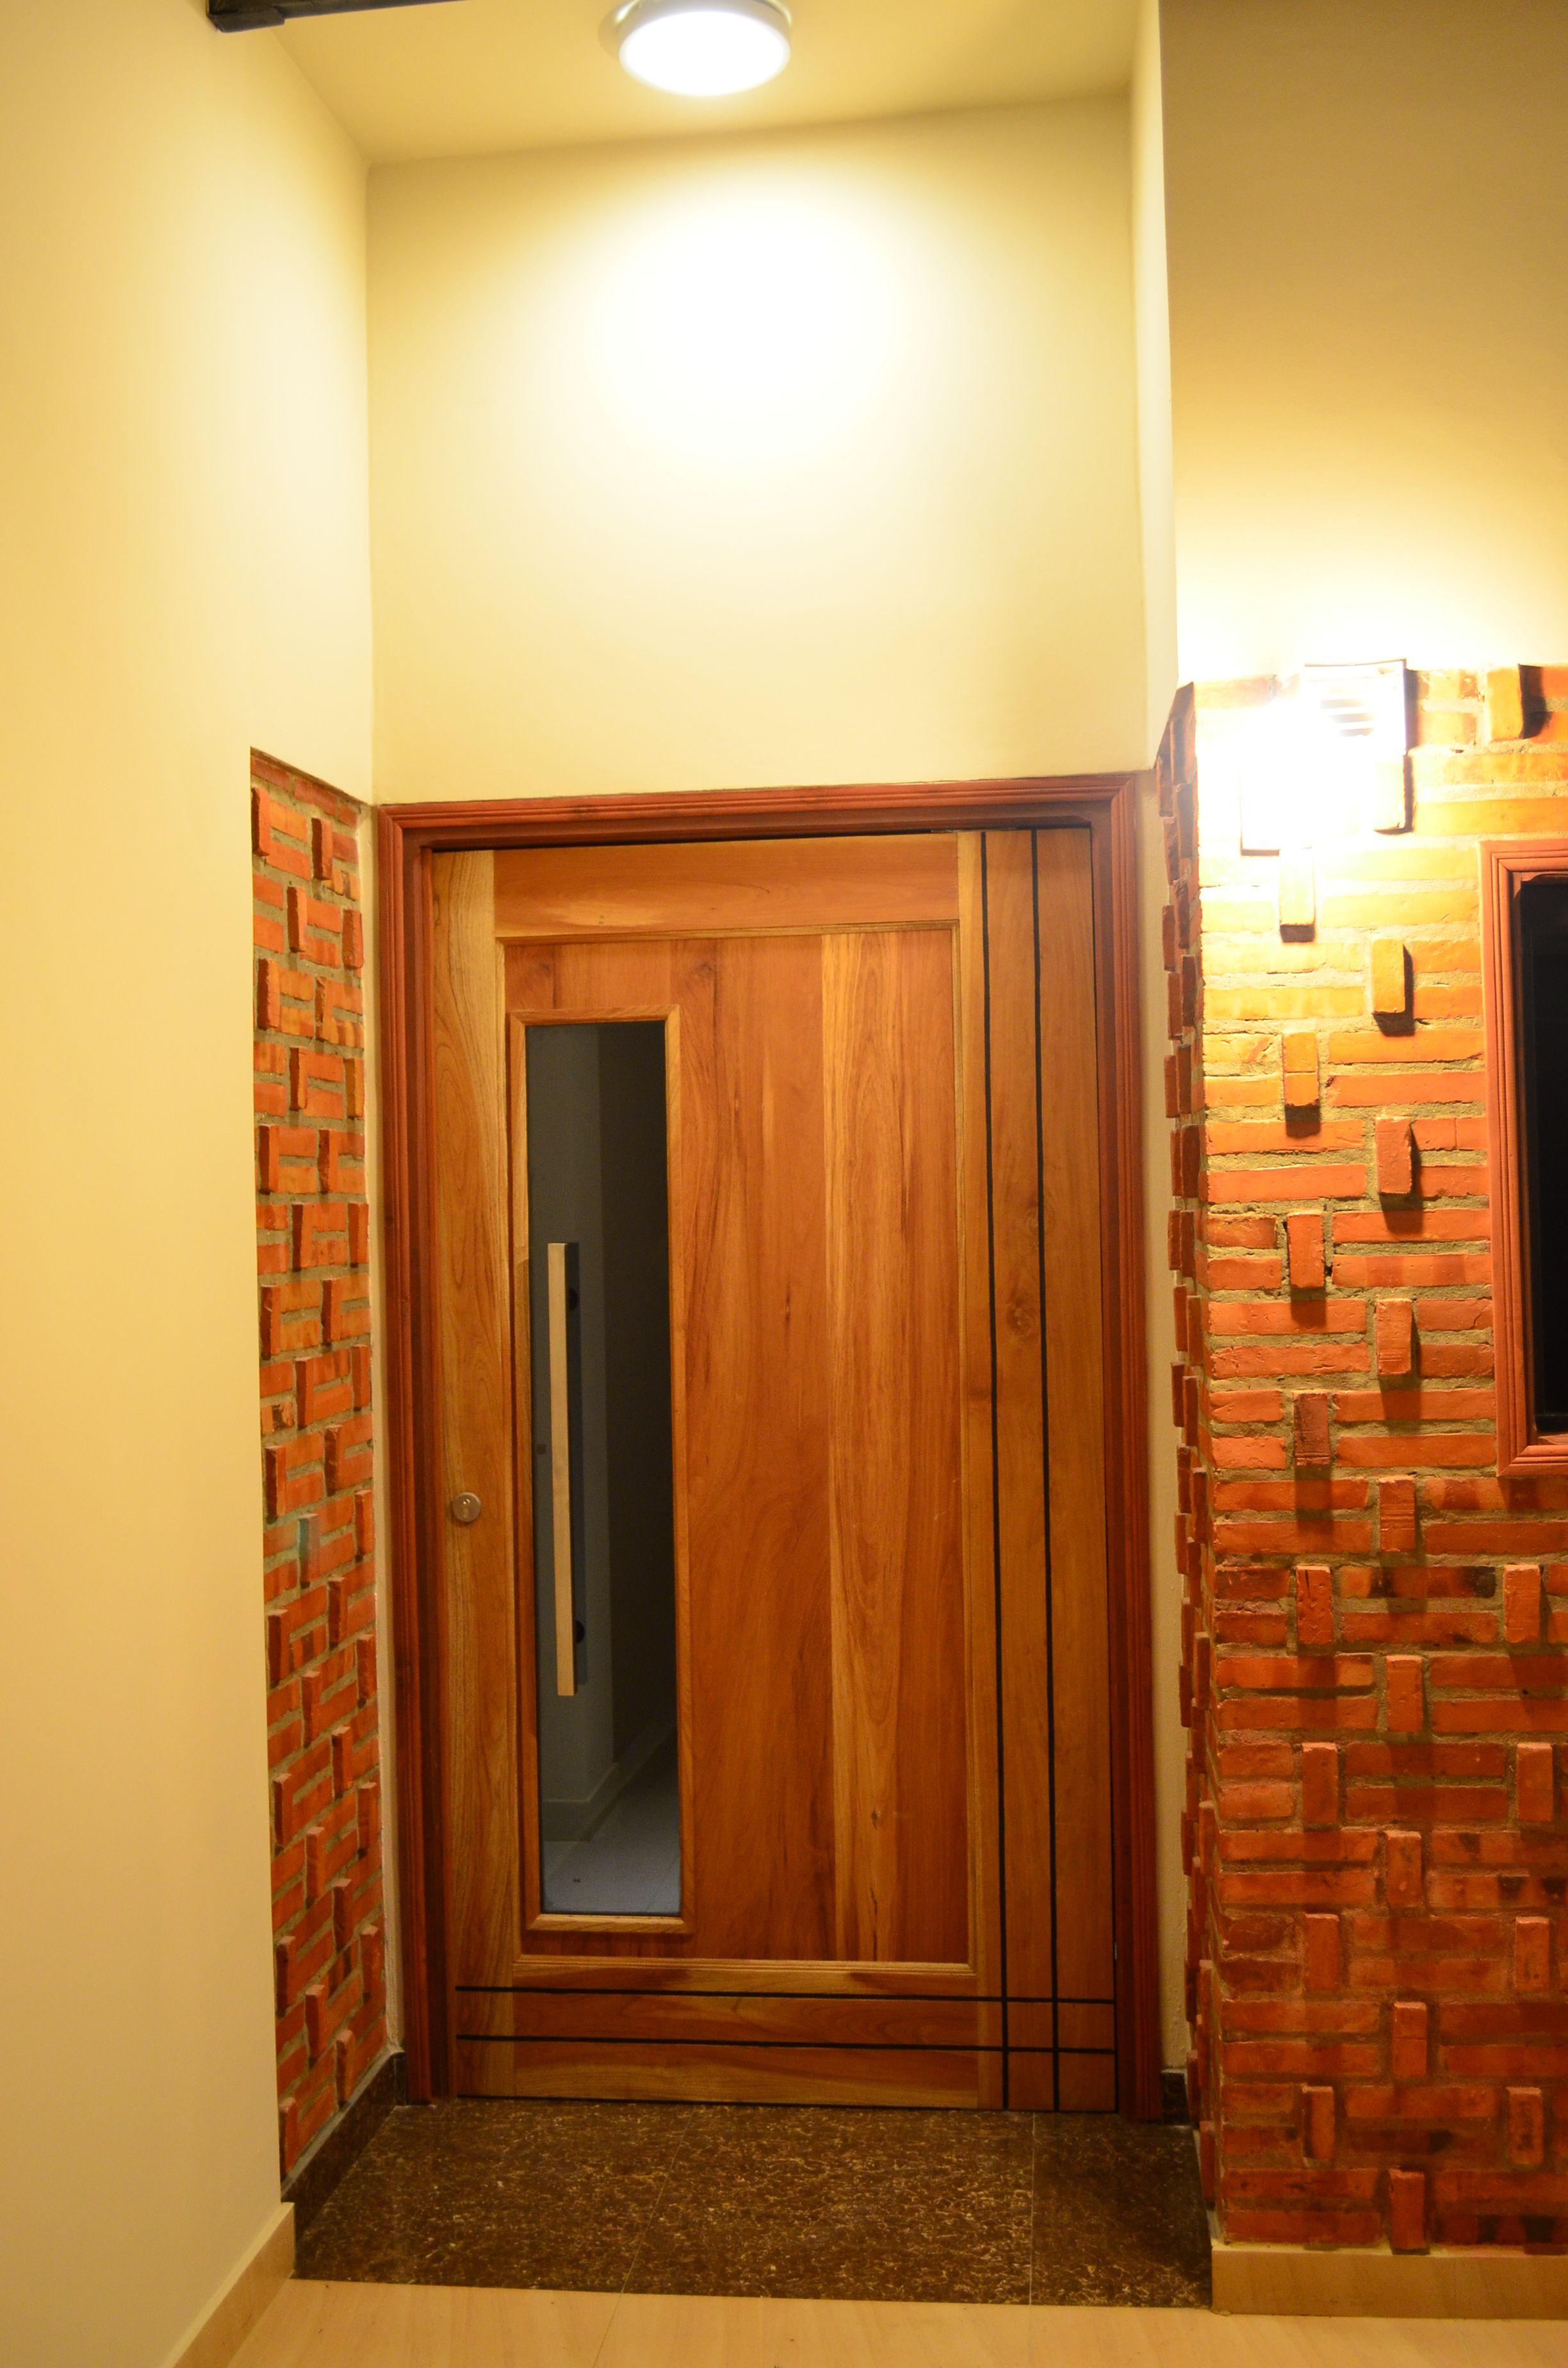 Dise o de ladrillo visto en acceso principal puerta for Diseno puerta principal